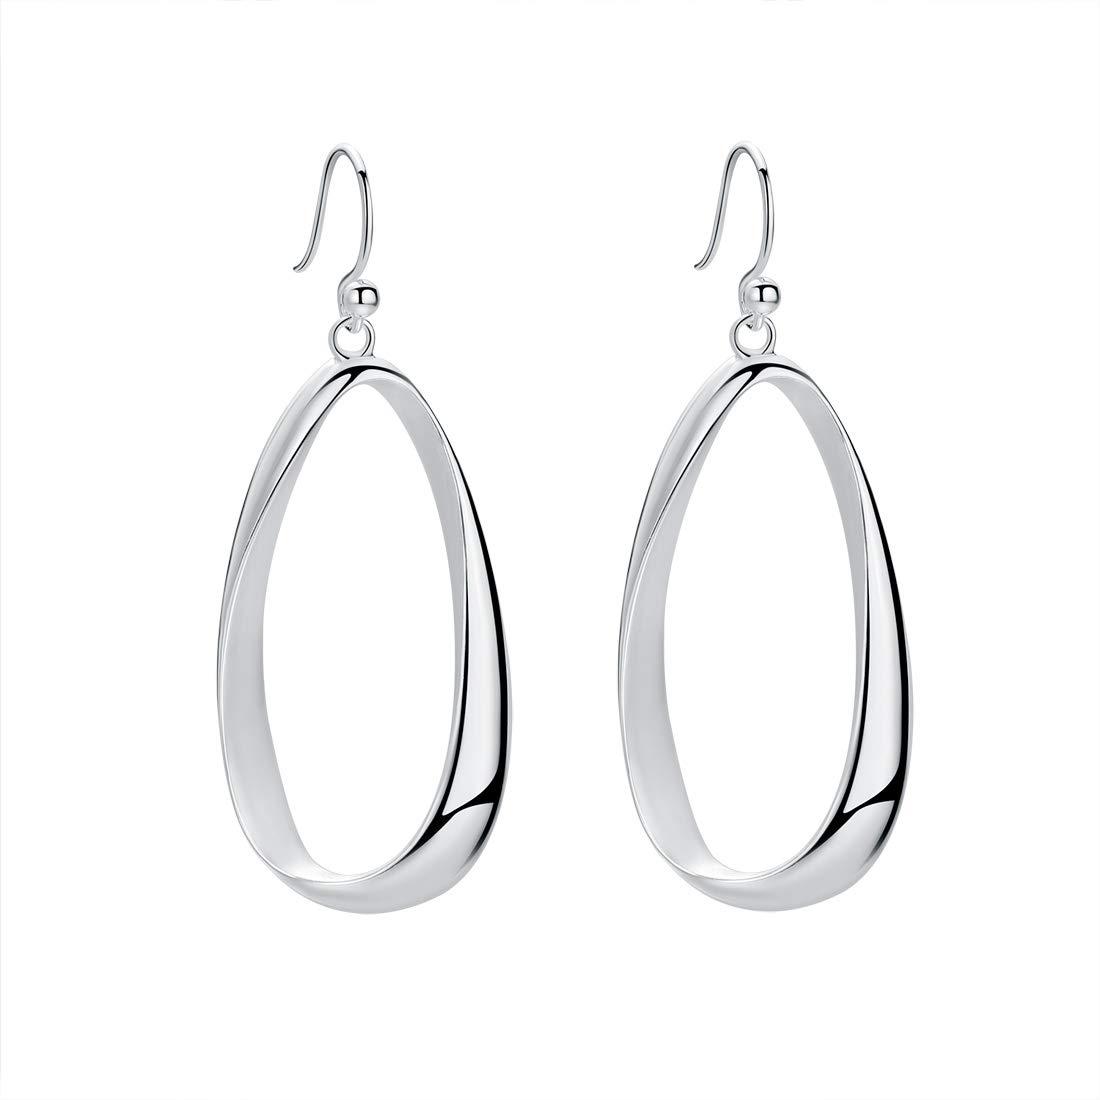 SA SILVERAGE Sterling Silver Twisted Hoop Earrings Oval Round Dangle Teardrop Earrings For Women by SA SILVERAGE-Women Earings